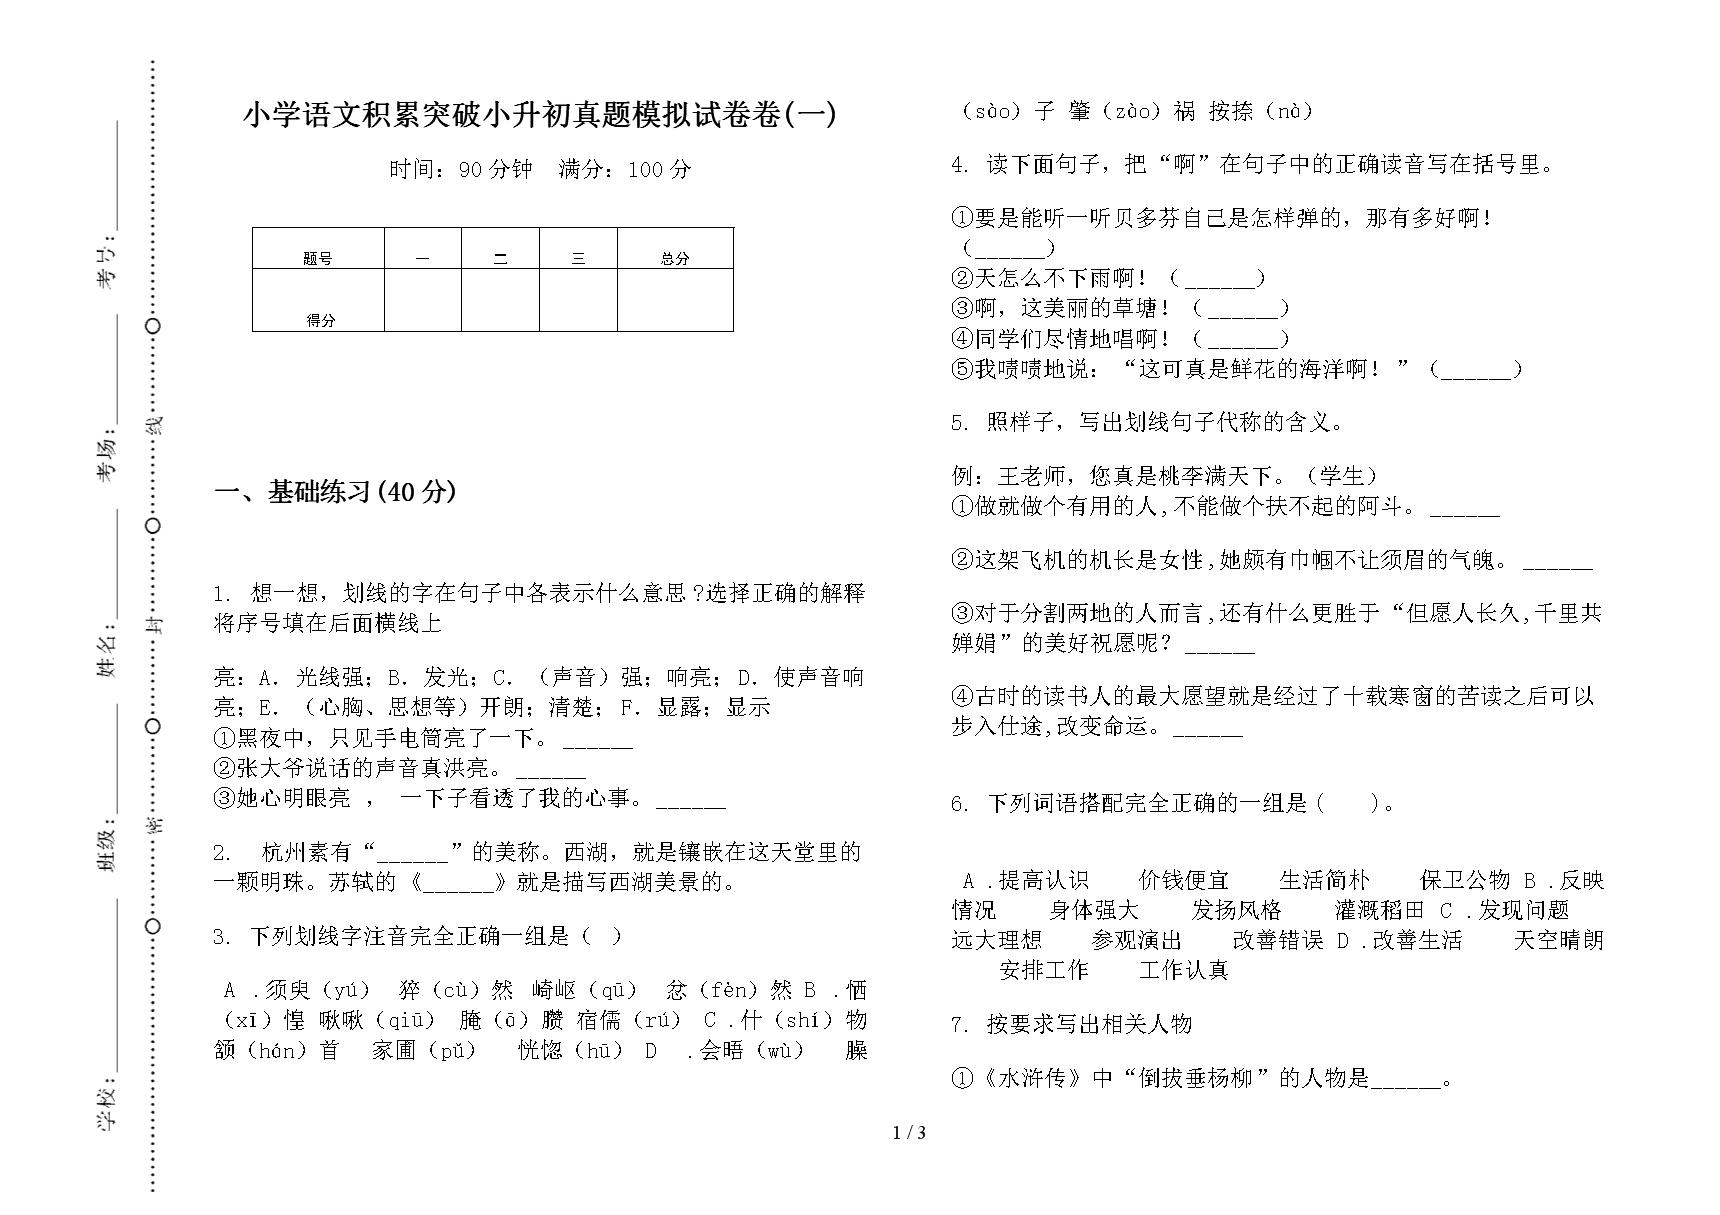 小学语文积累突破小升初真题模拟试卷卷(一).docx